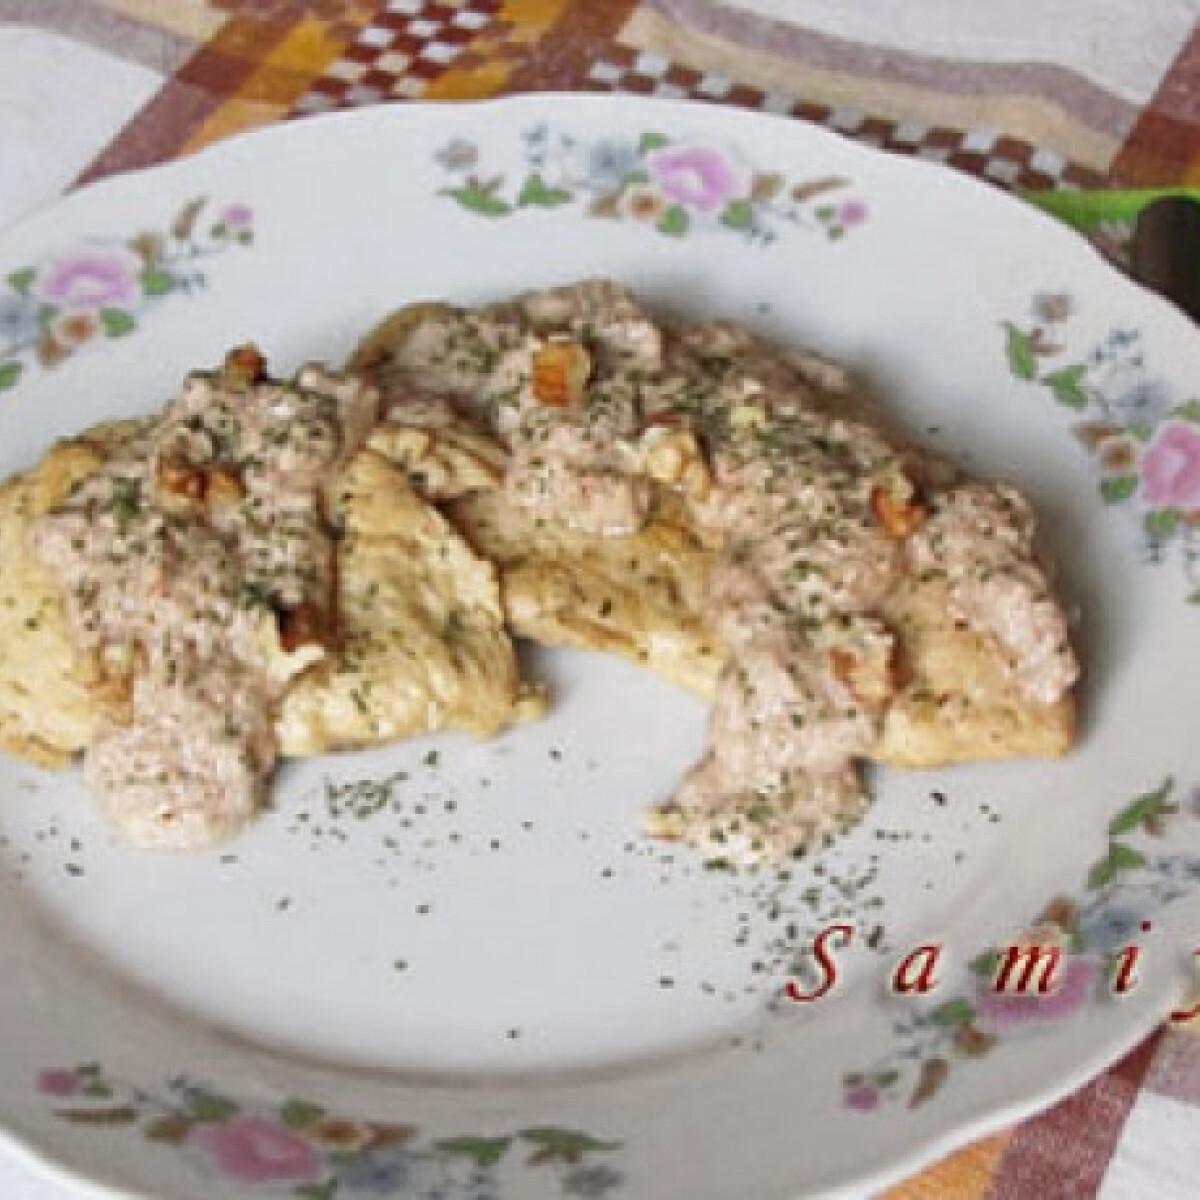 Fehérboros csirkemell fokhagymás diómártással